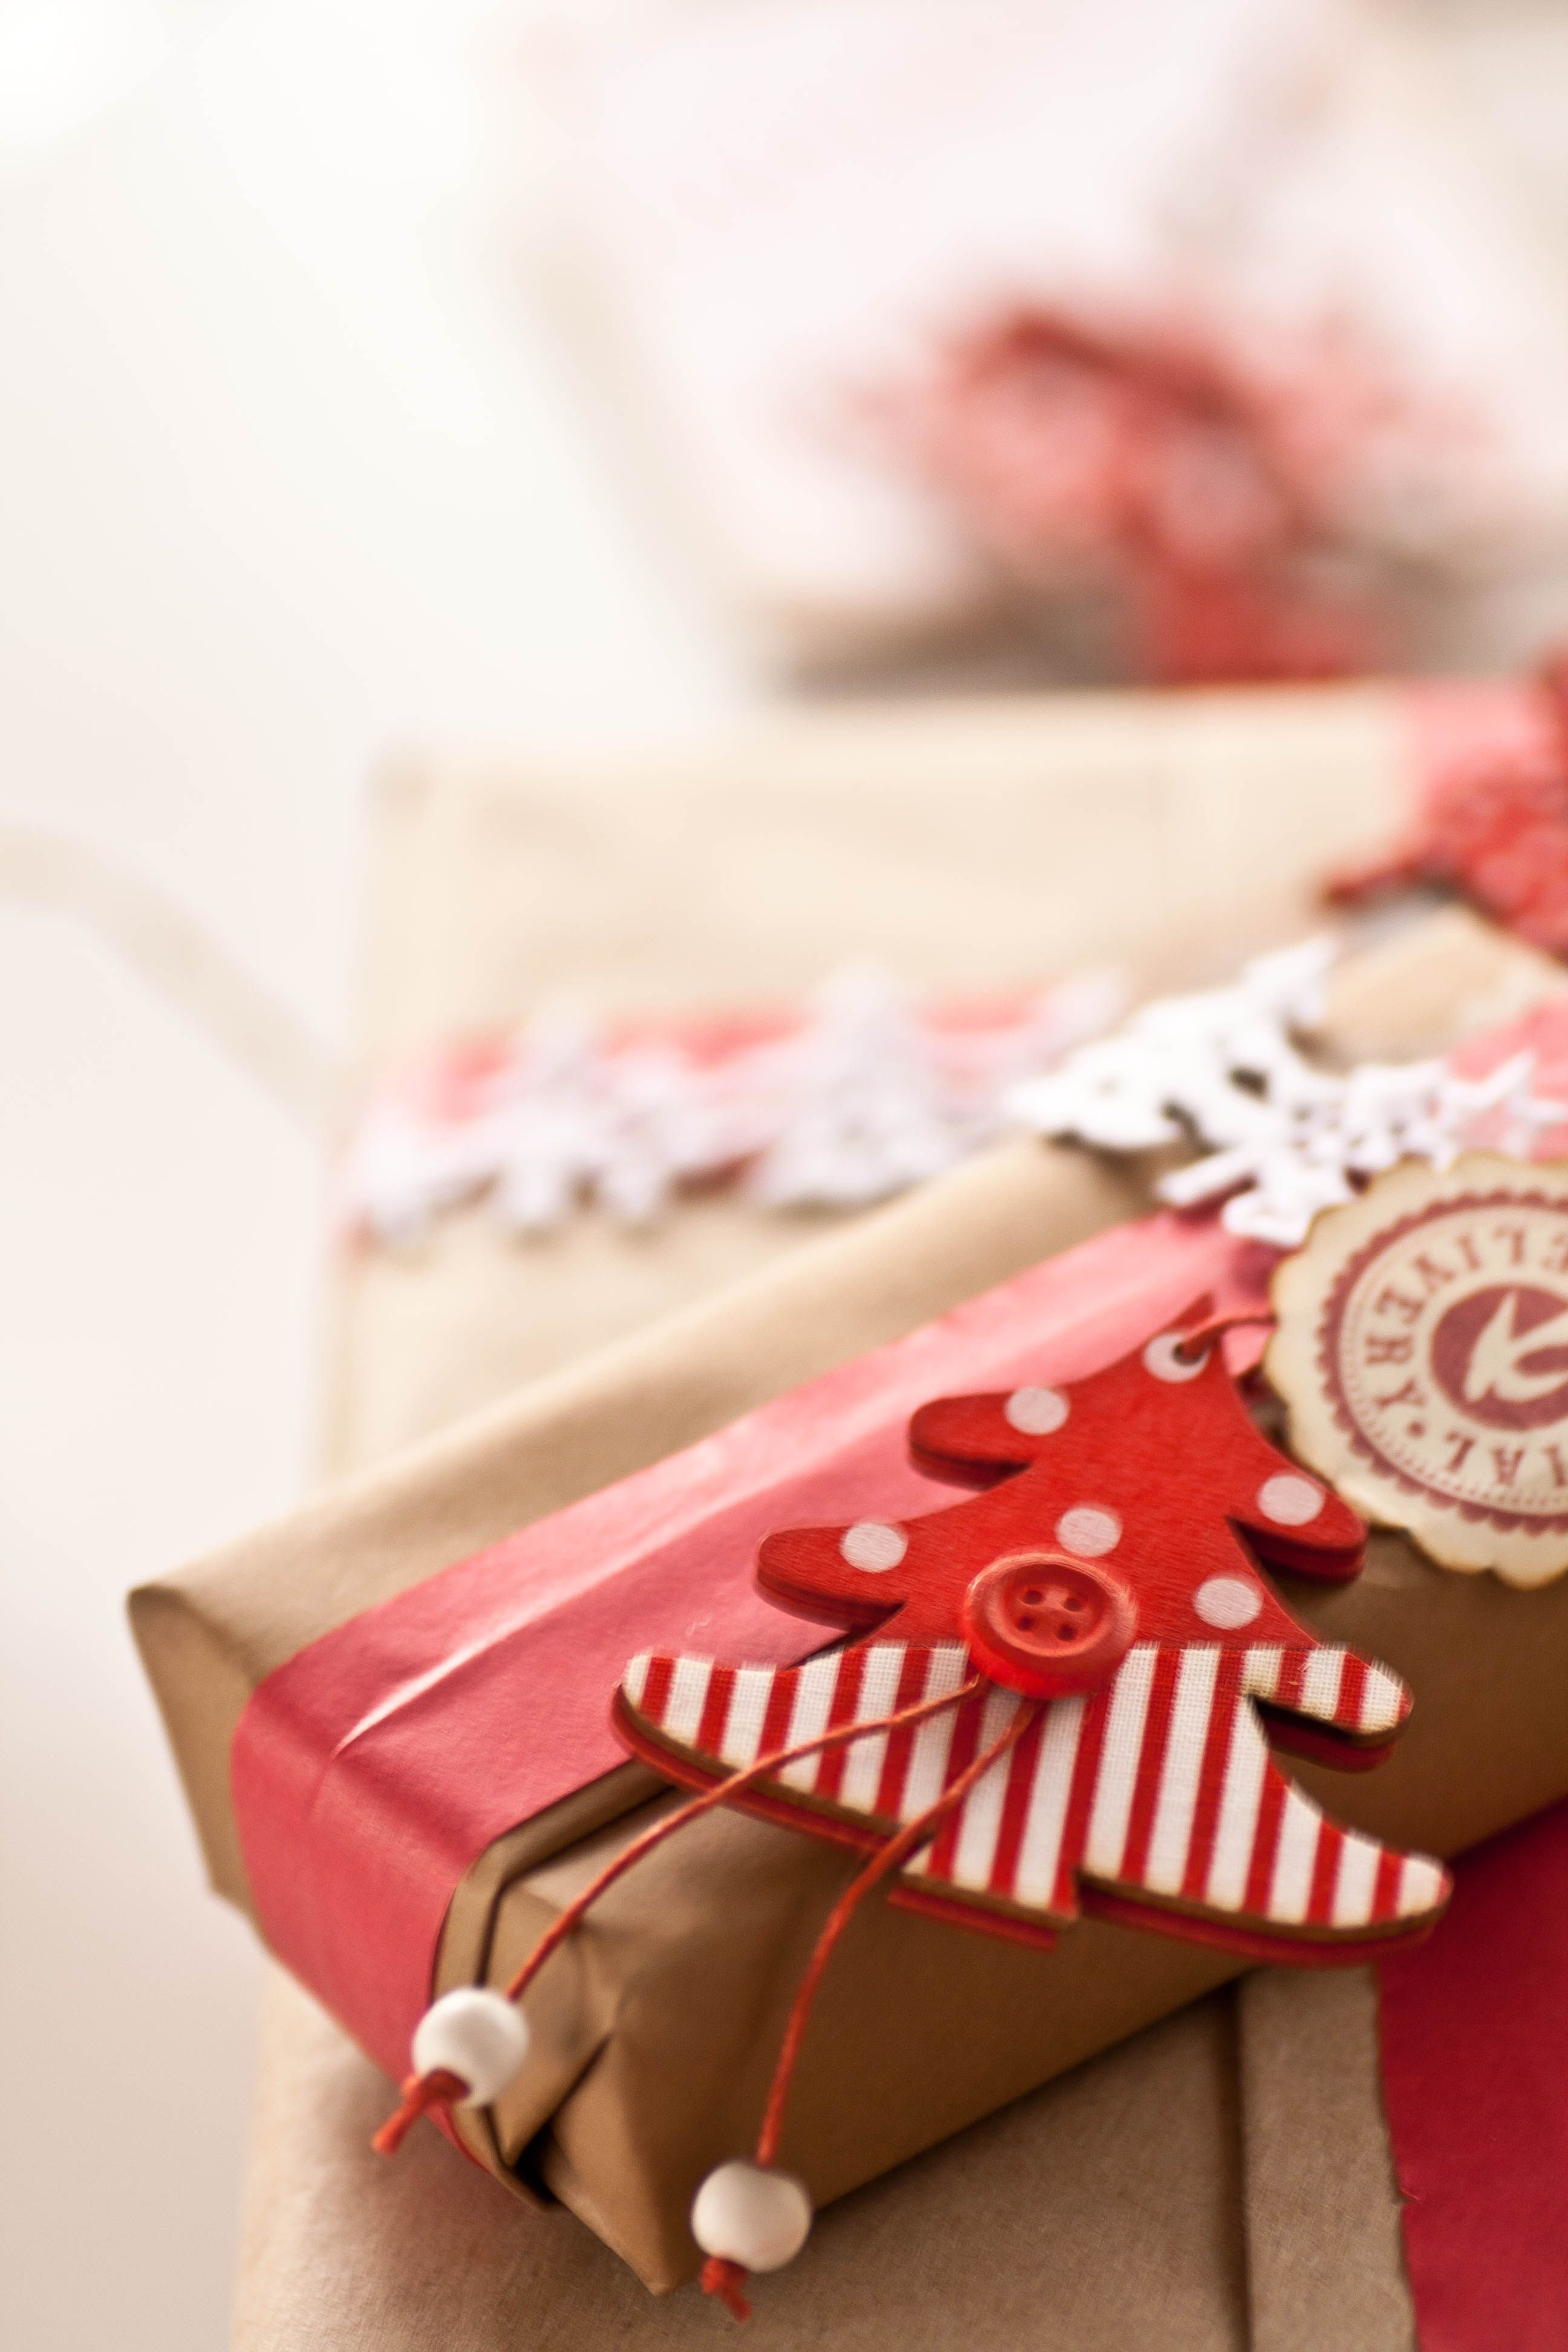 figurine de bois ou de feutrine épaisse, bouton, ficelle, décorant un simple paquet de kraft